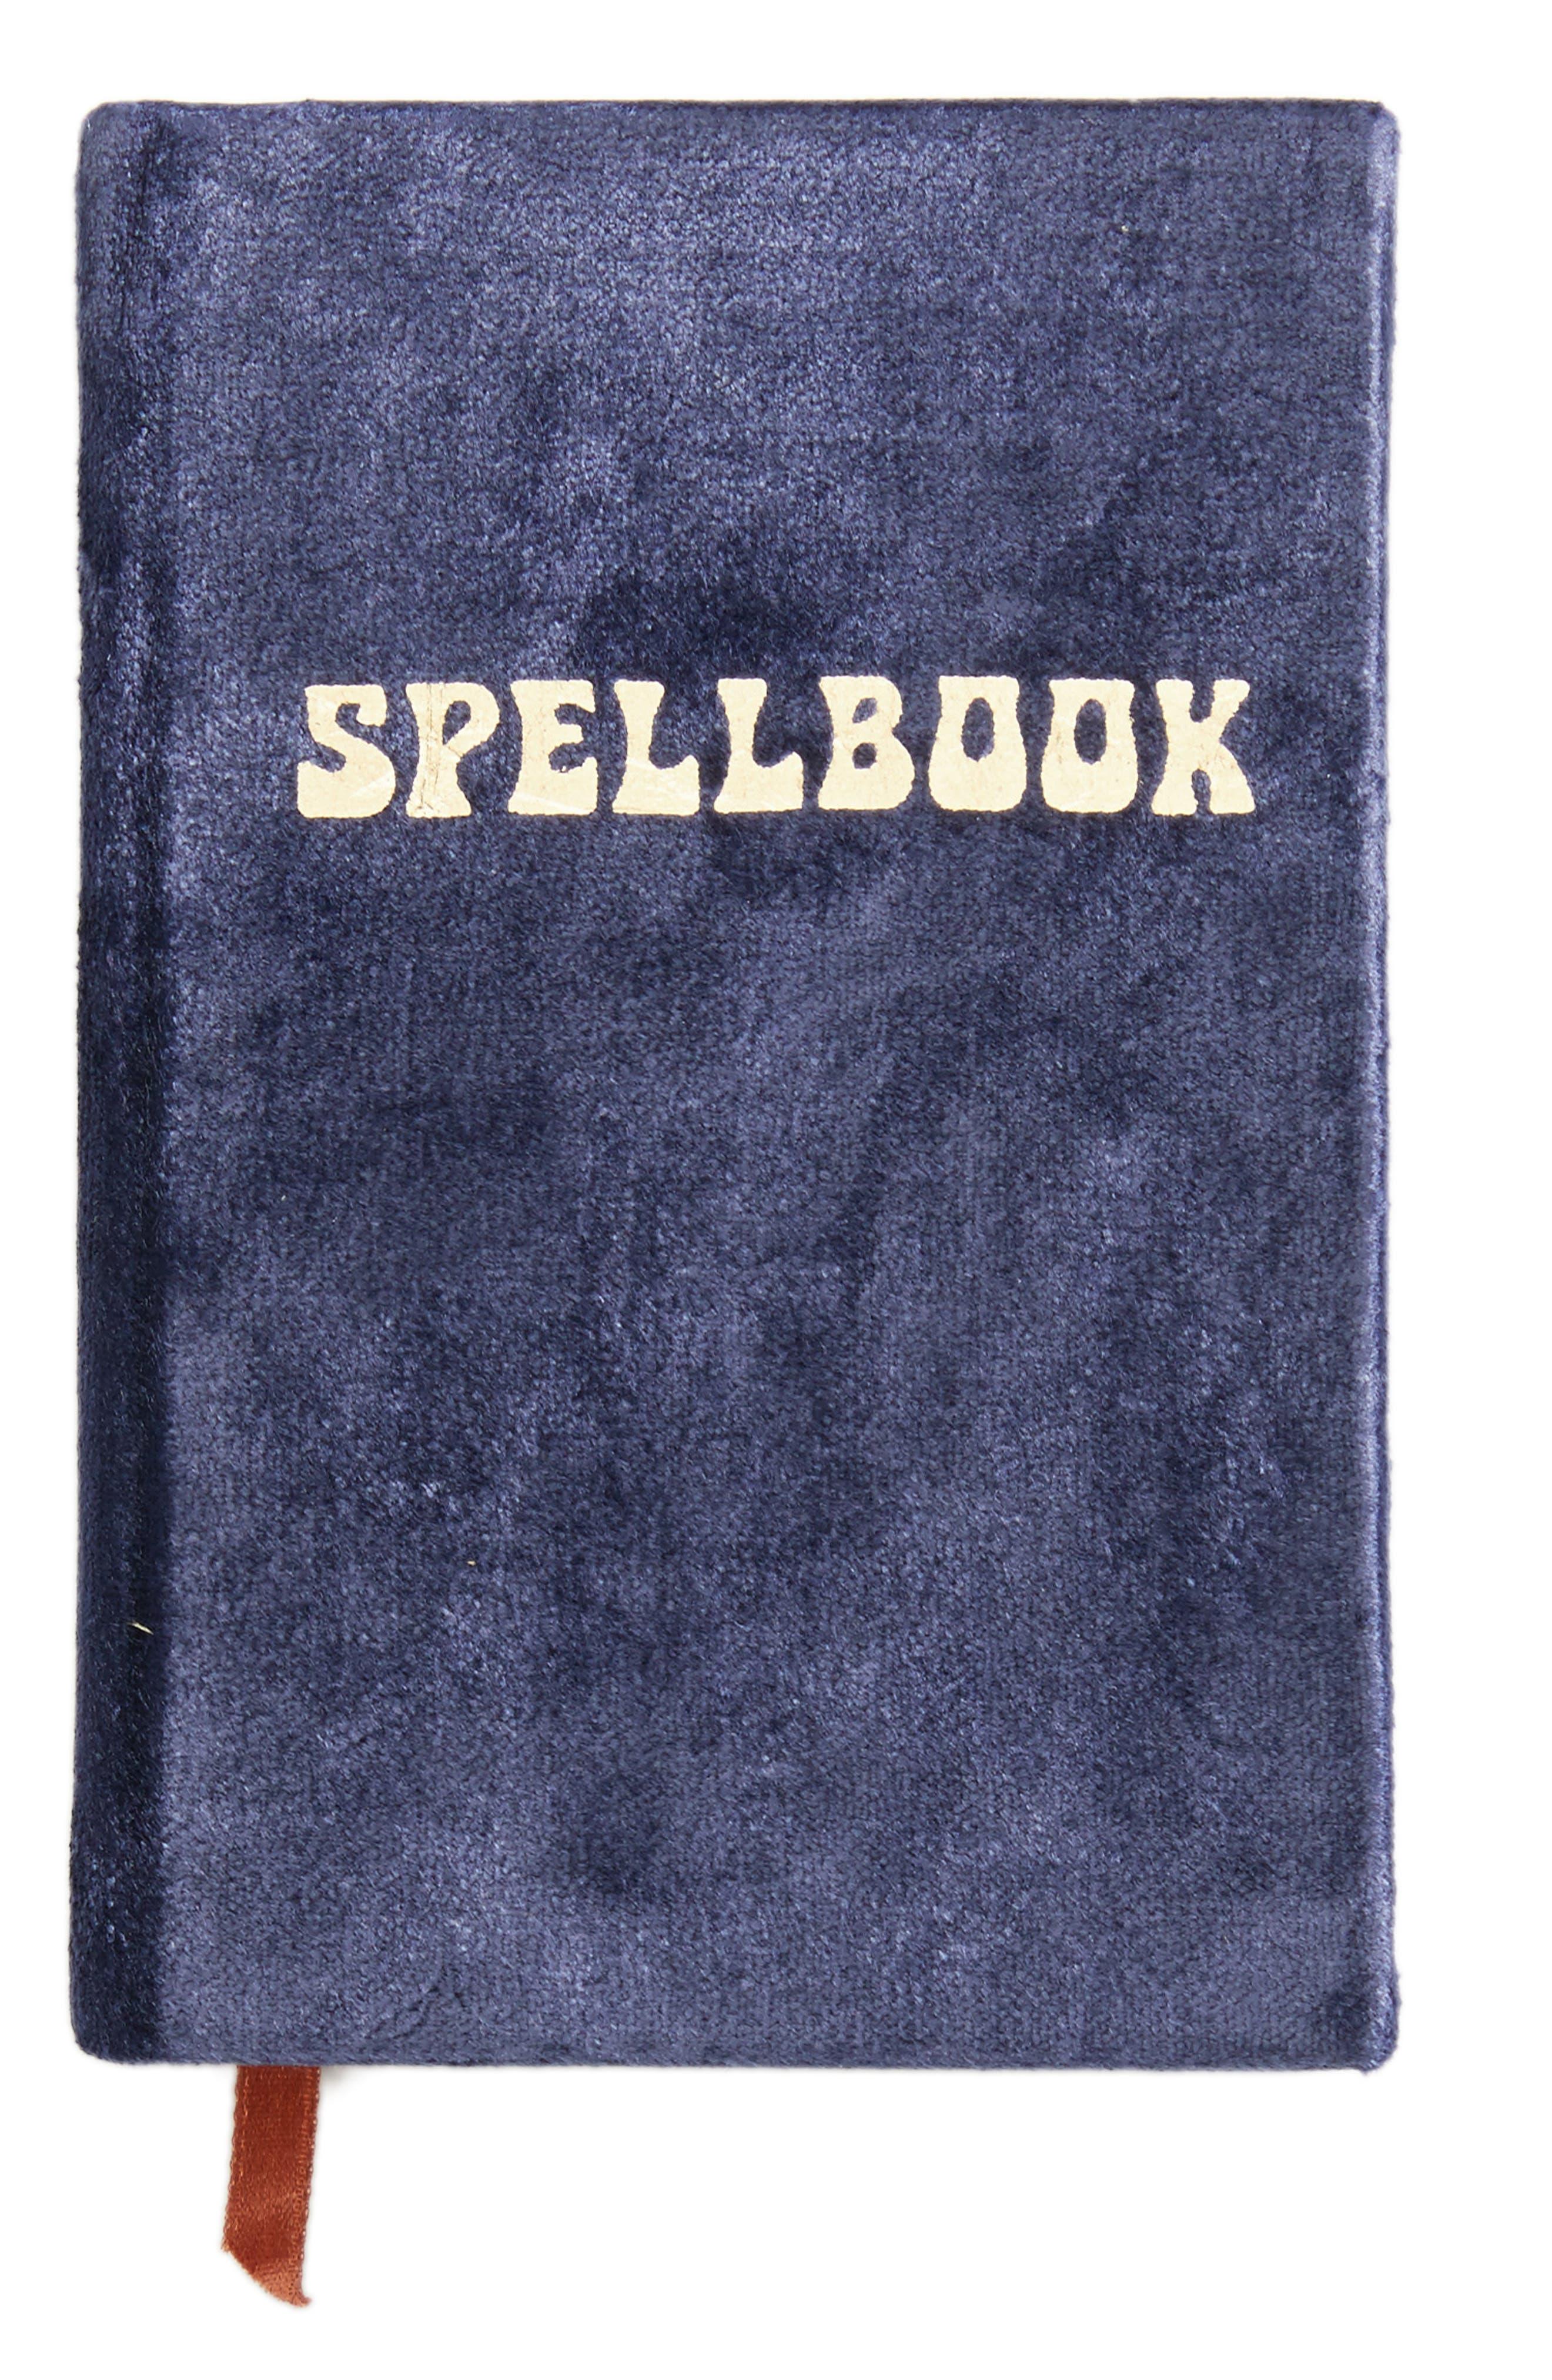 Printfresh Studio Spellbook Velvet Journal